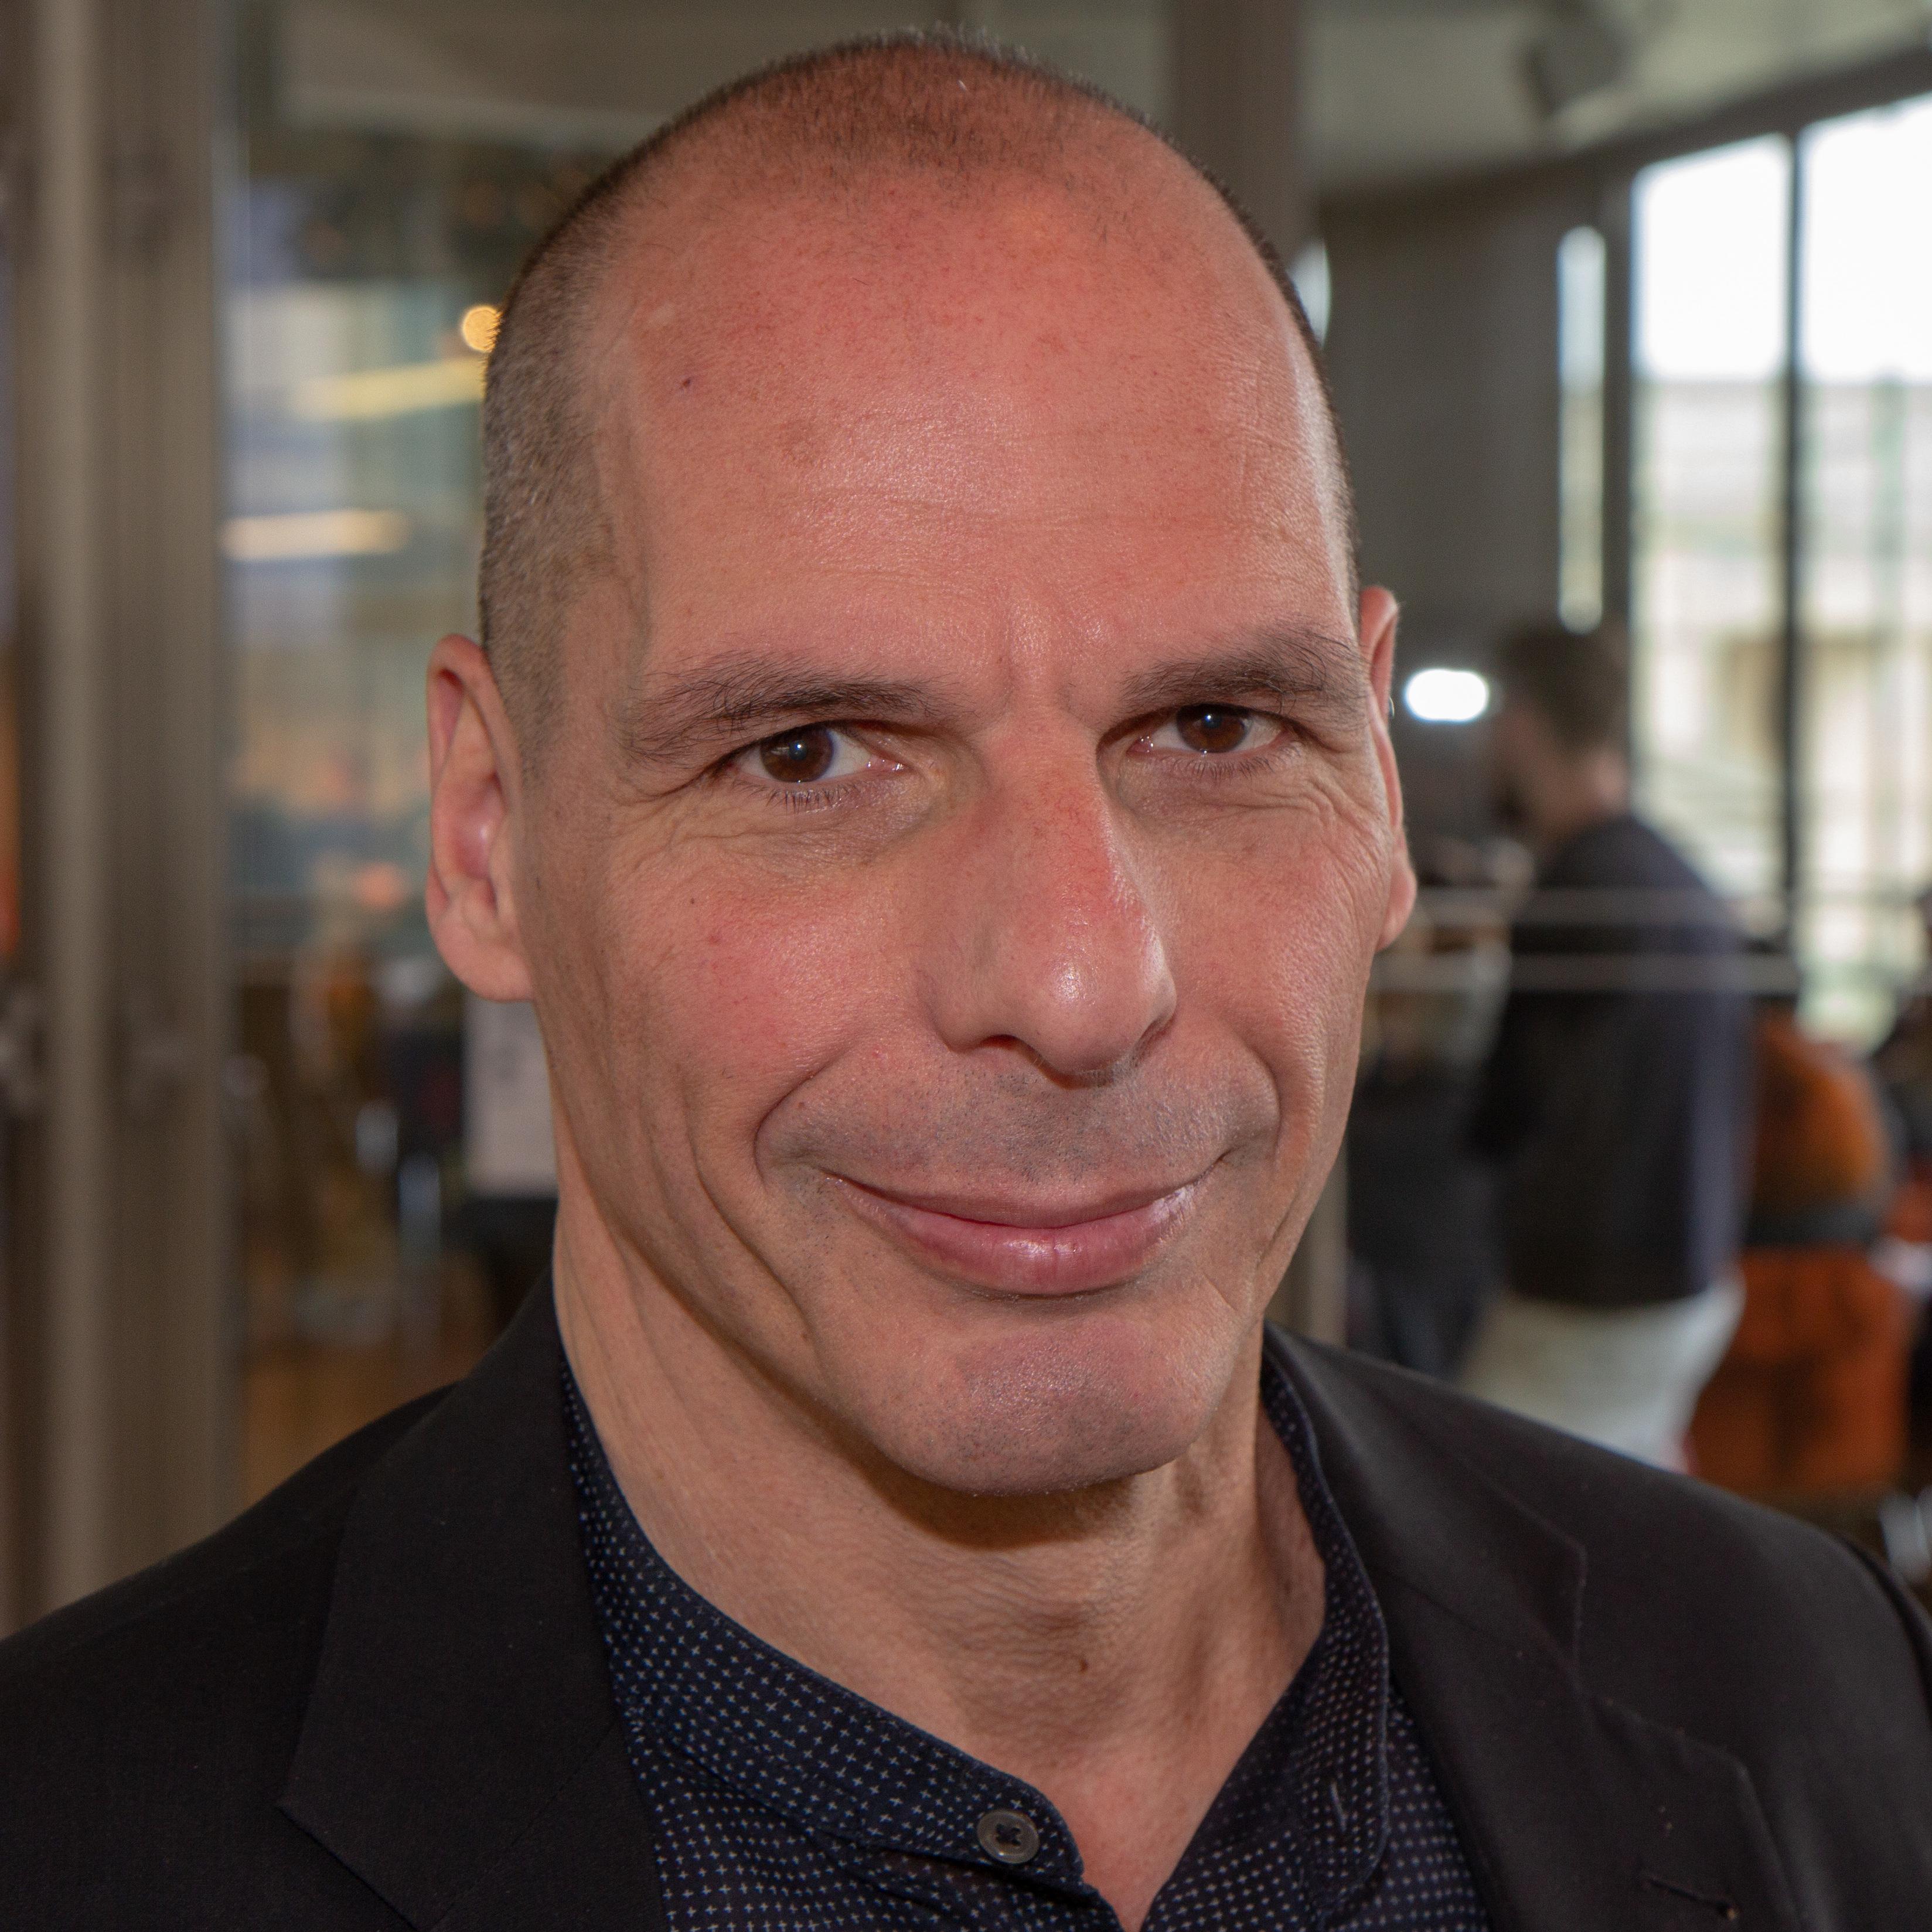 Veja o que saiu no Migalhas sobre Yanis Varoufakis